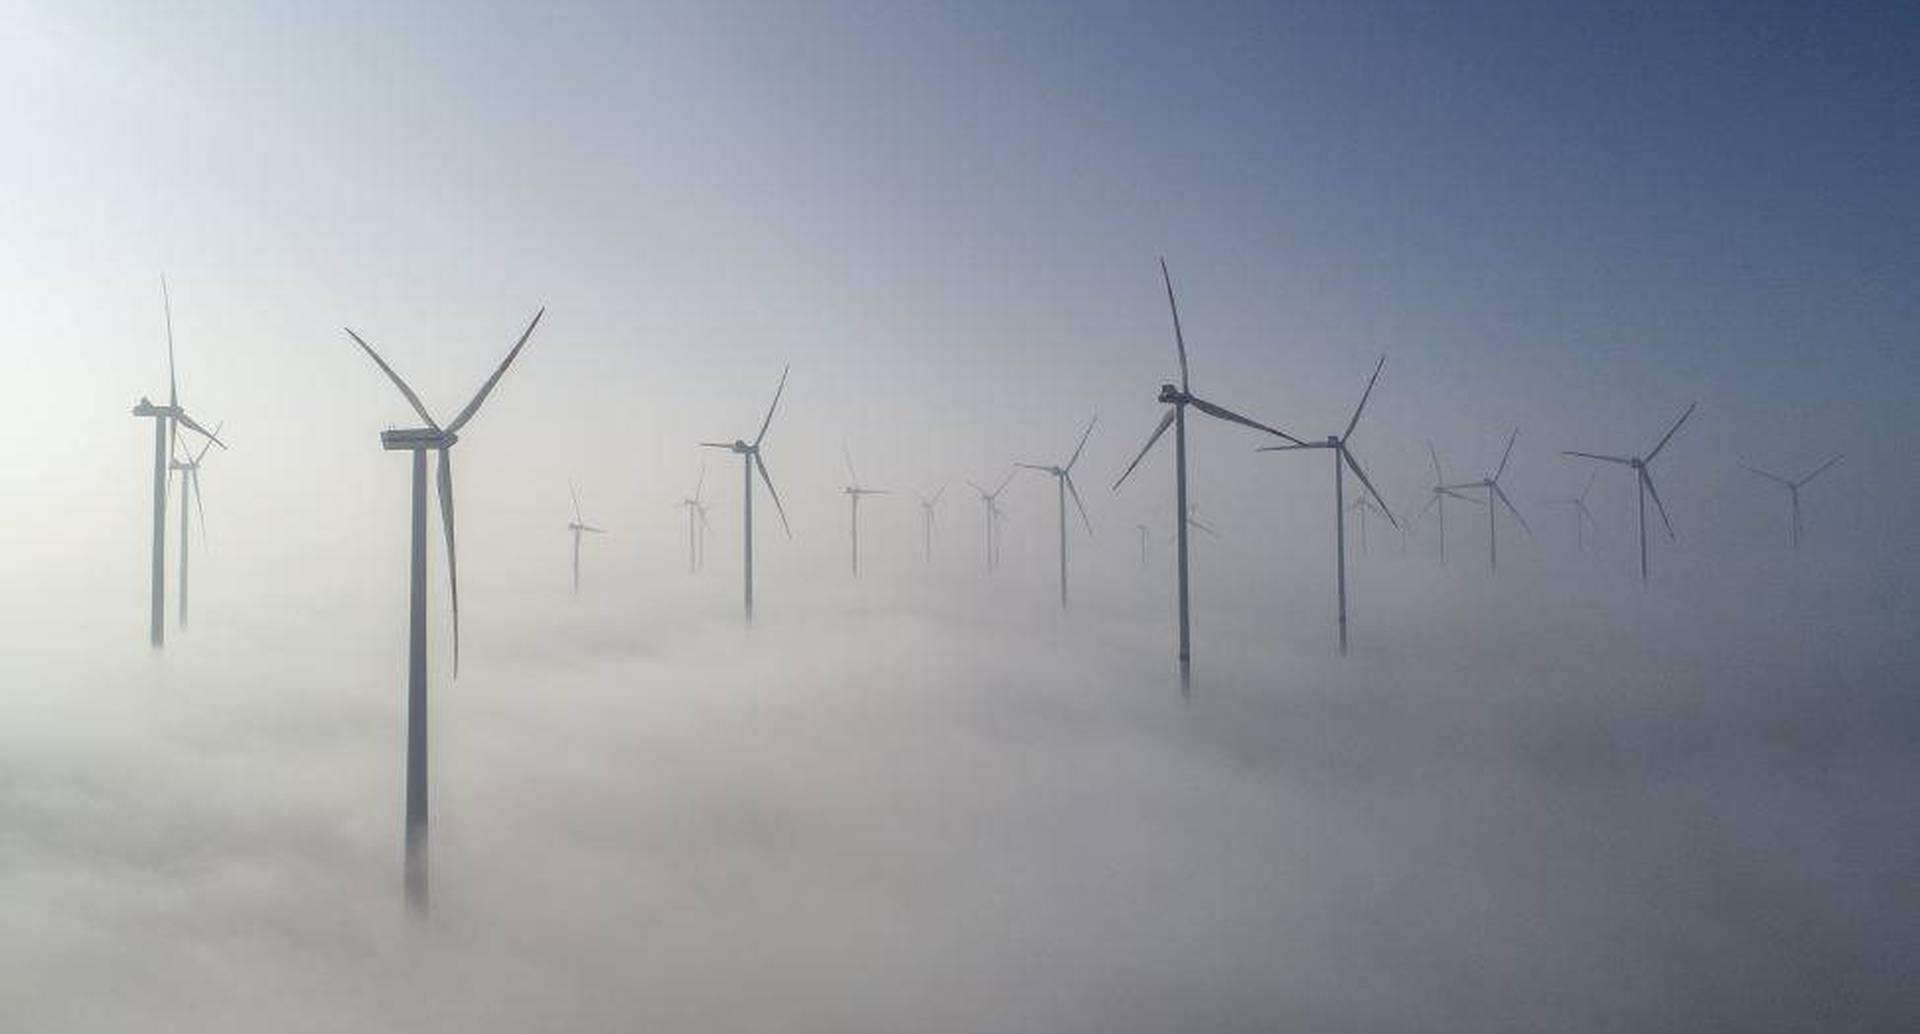 """27 de febrero - Esta fotografía aérea tomada en Jacobsdorf, al este de Alemania, muestra turbinas de viento en el parque eólico """"Odervorland"""" en el distrito de Oder-Spree en la niebla de la mañana. FOTO: Patrick Pleul / AFP"""